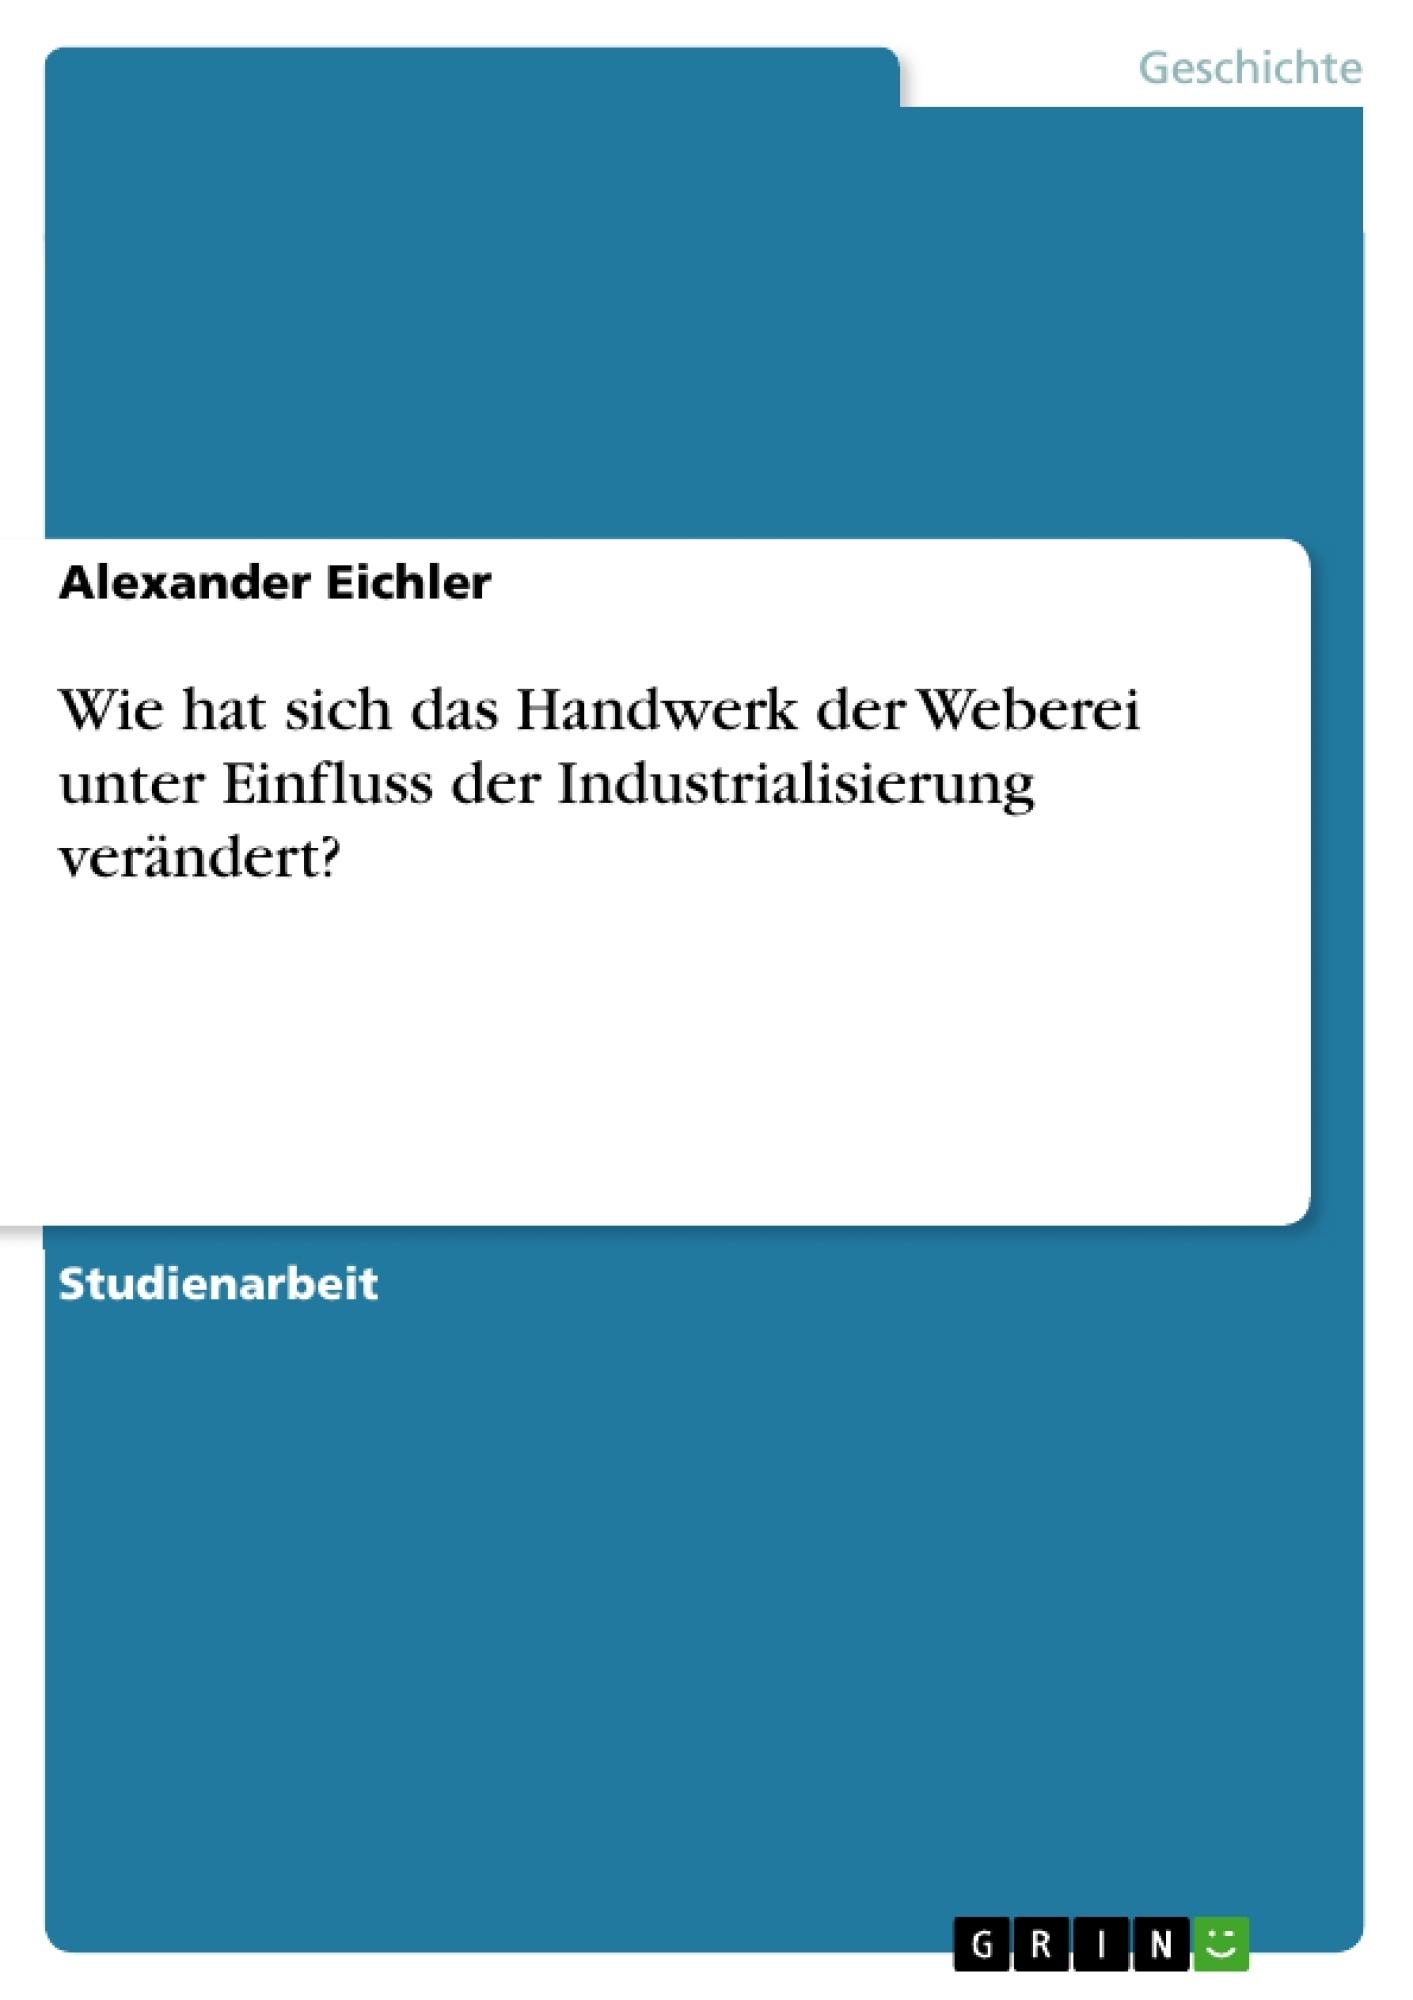 Titel: Wie hat sich das Handwerk der Weberei unter Einfluss der Industrialisierung verändert?